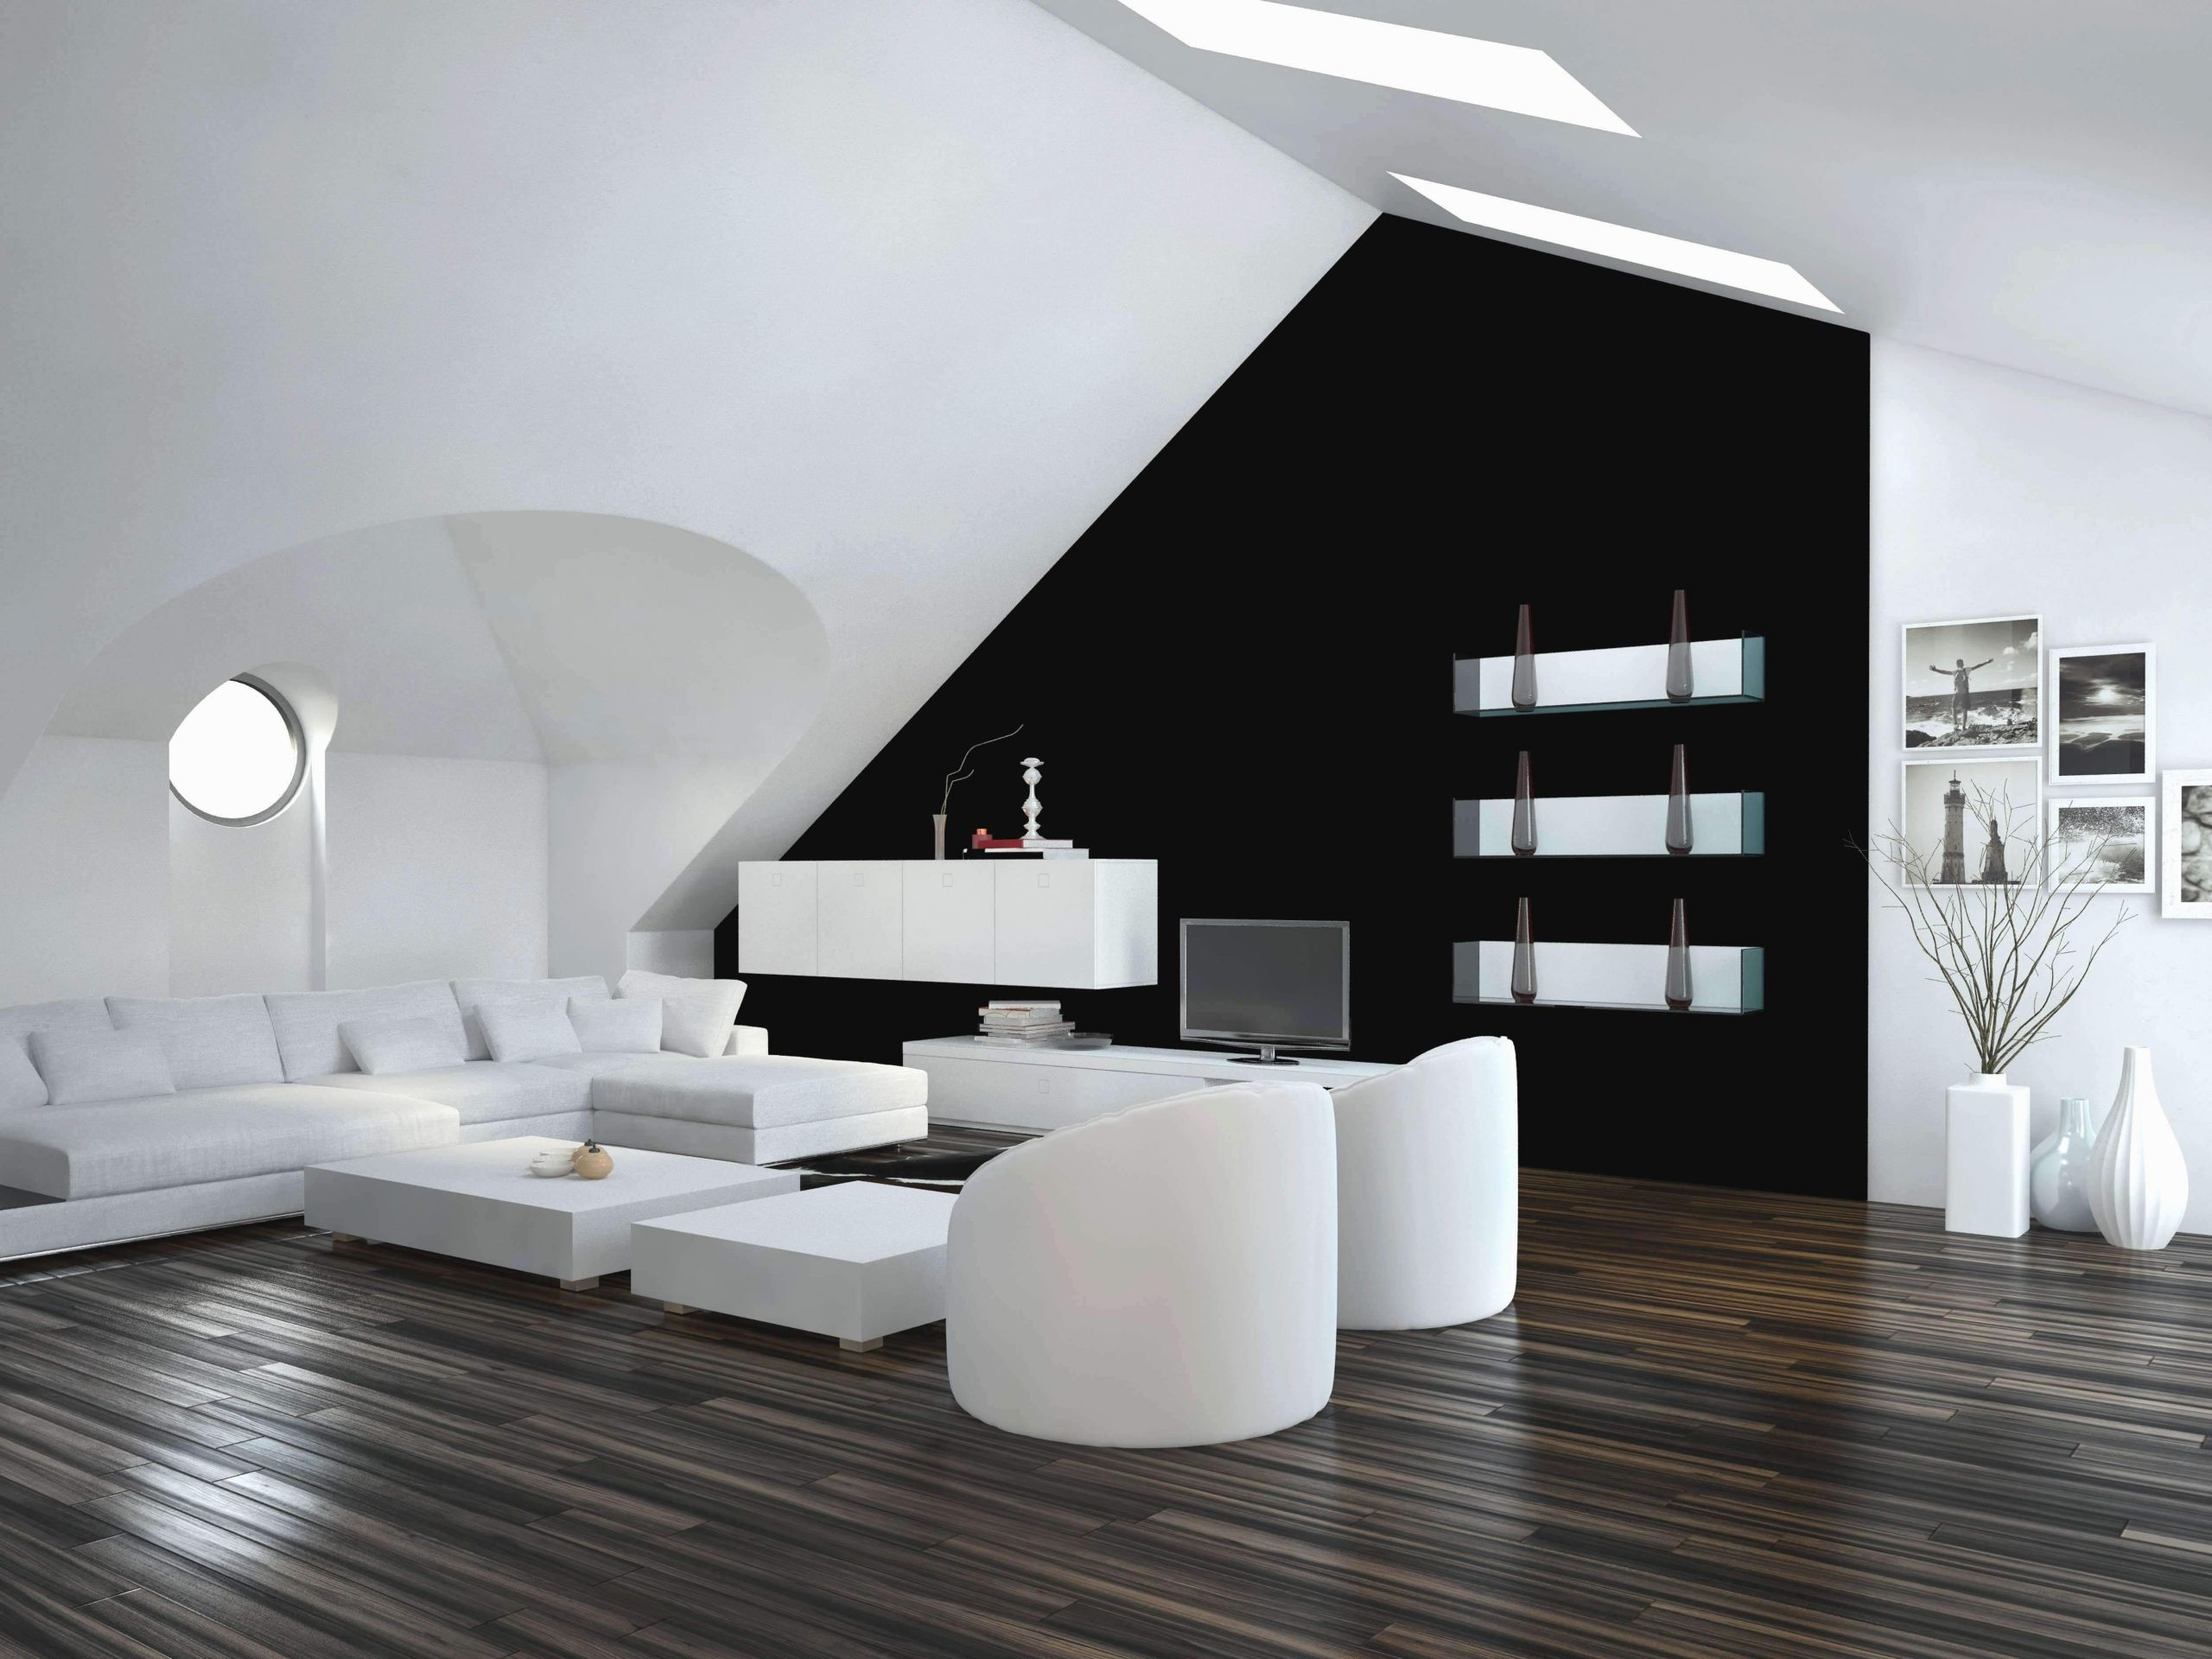 wanddeko wohnzimmer metall schon inspirierend deko ideen wohnzimmer of wanddeko wohnzimmer metall scaled